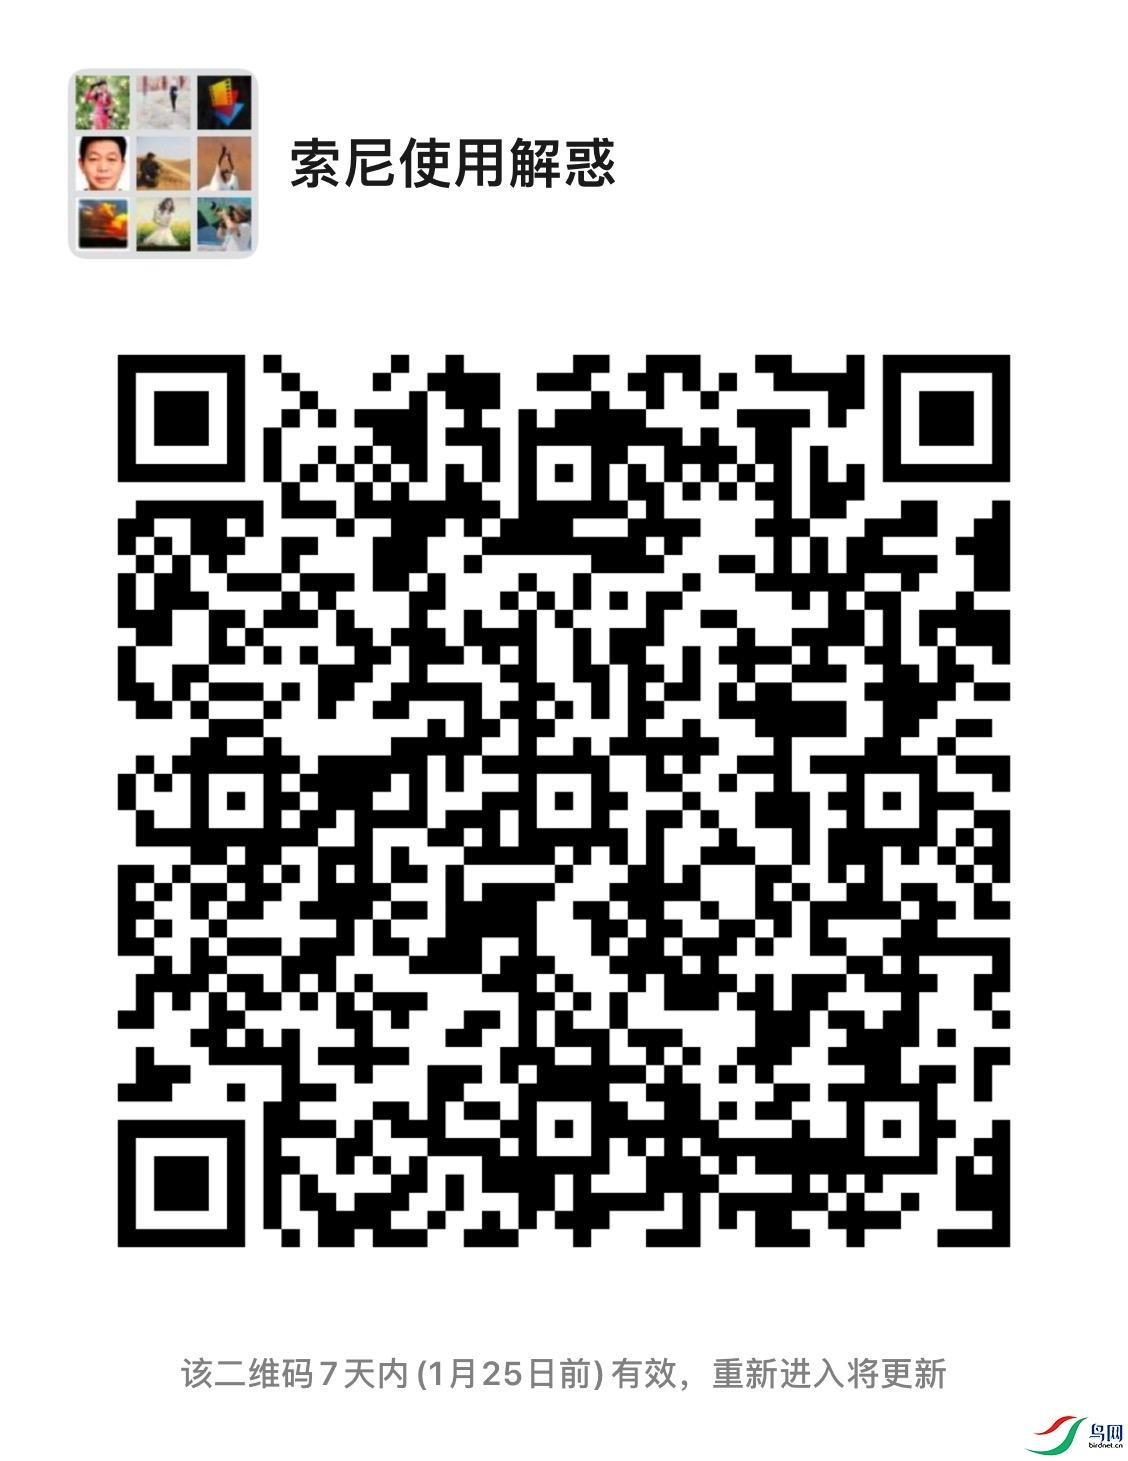 DD57F030-1F11-41F7-9C35-68B037D86B1A.jpeg